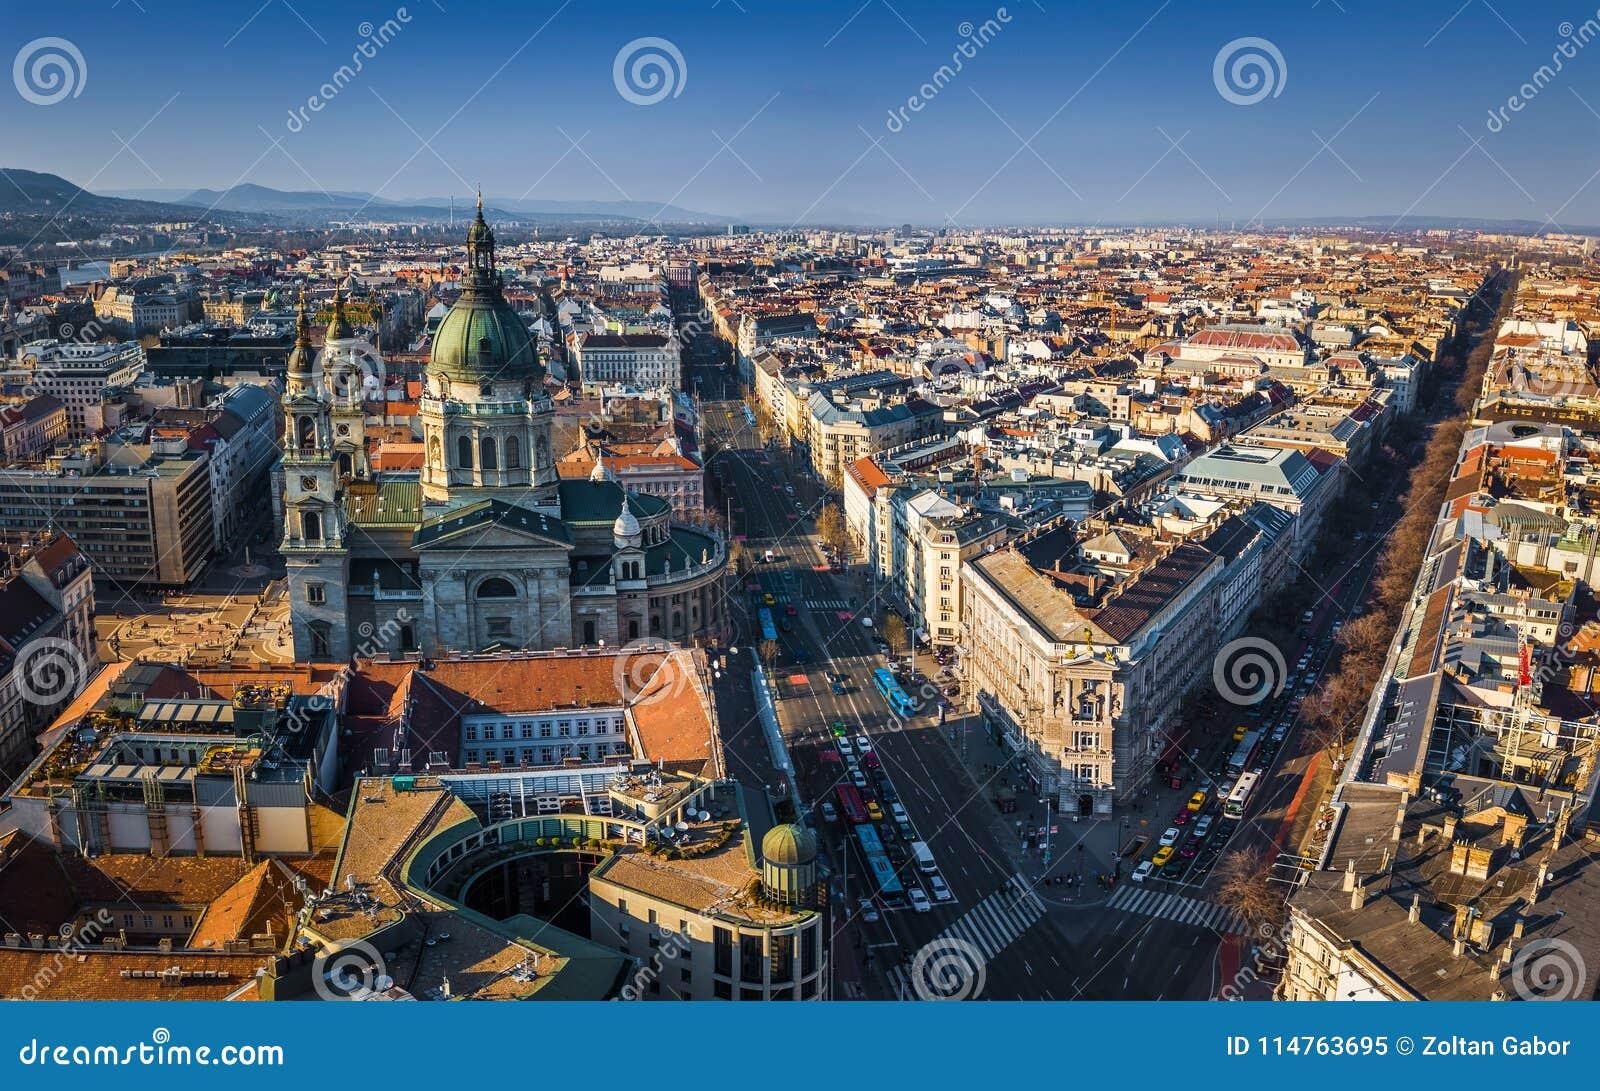 Budapest, Węgry - widok z lotu ptaka StStephen ` s bazylika z Andrassy ulicą i ulicą Bajcsy† Zsilinszky